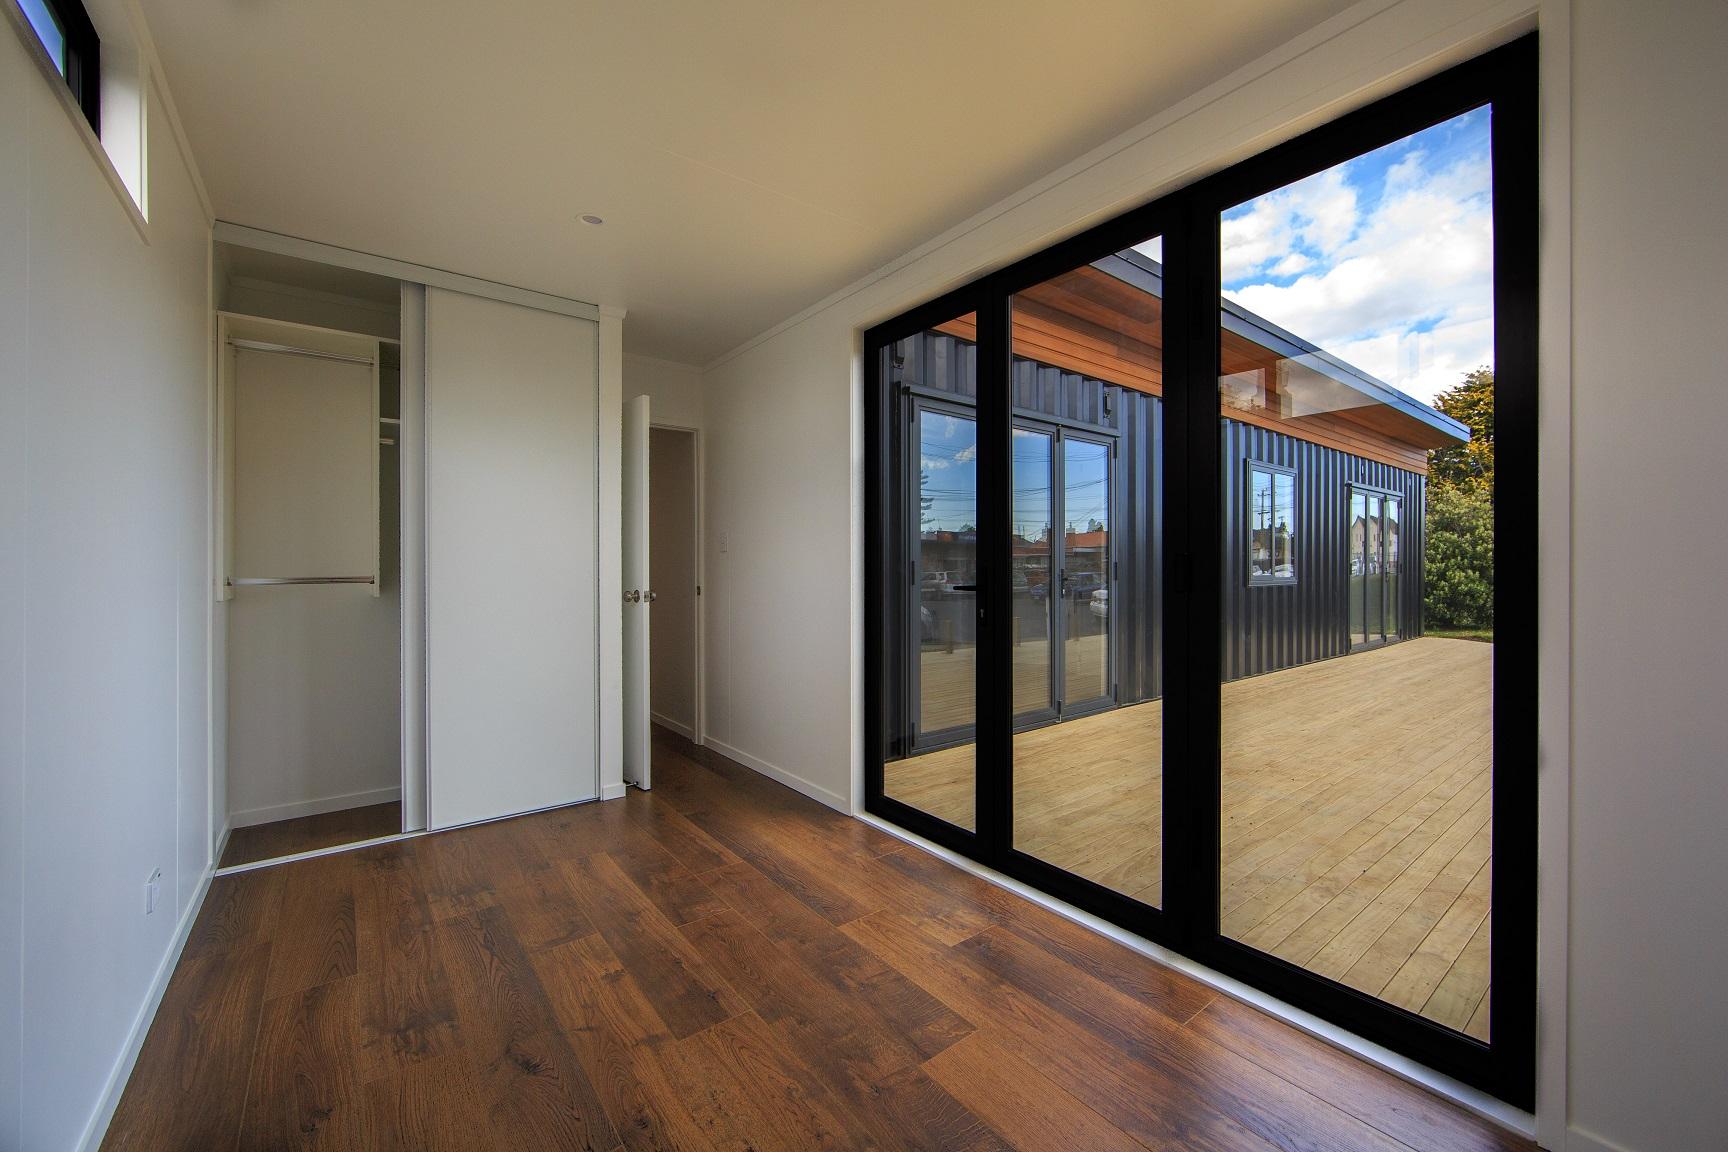 3rd bedroom opens onto deck